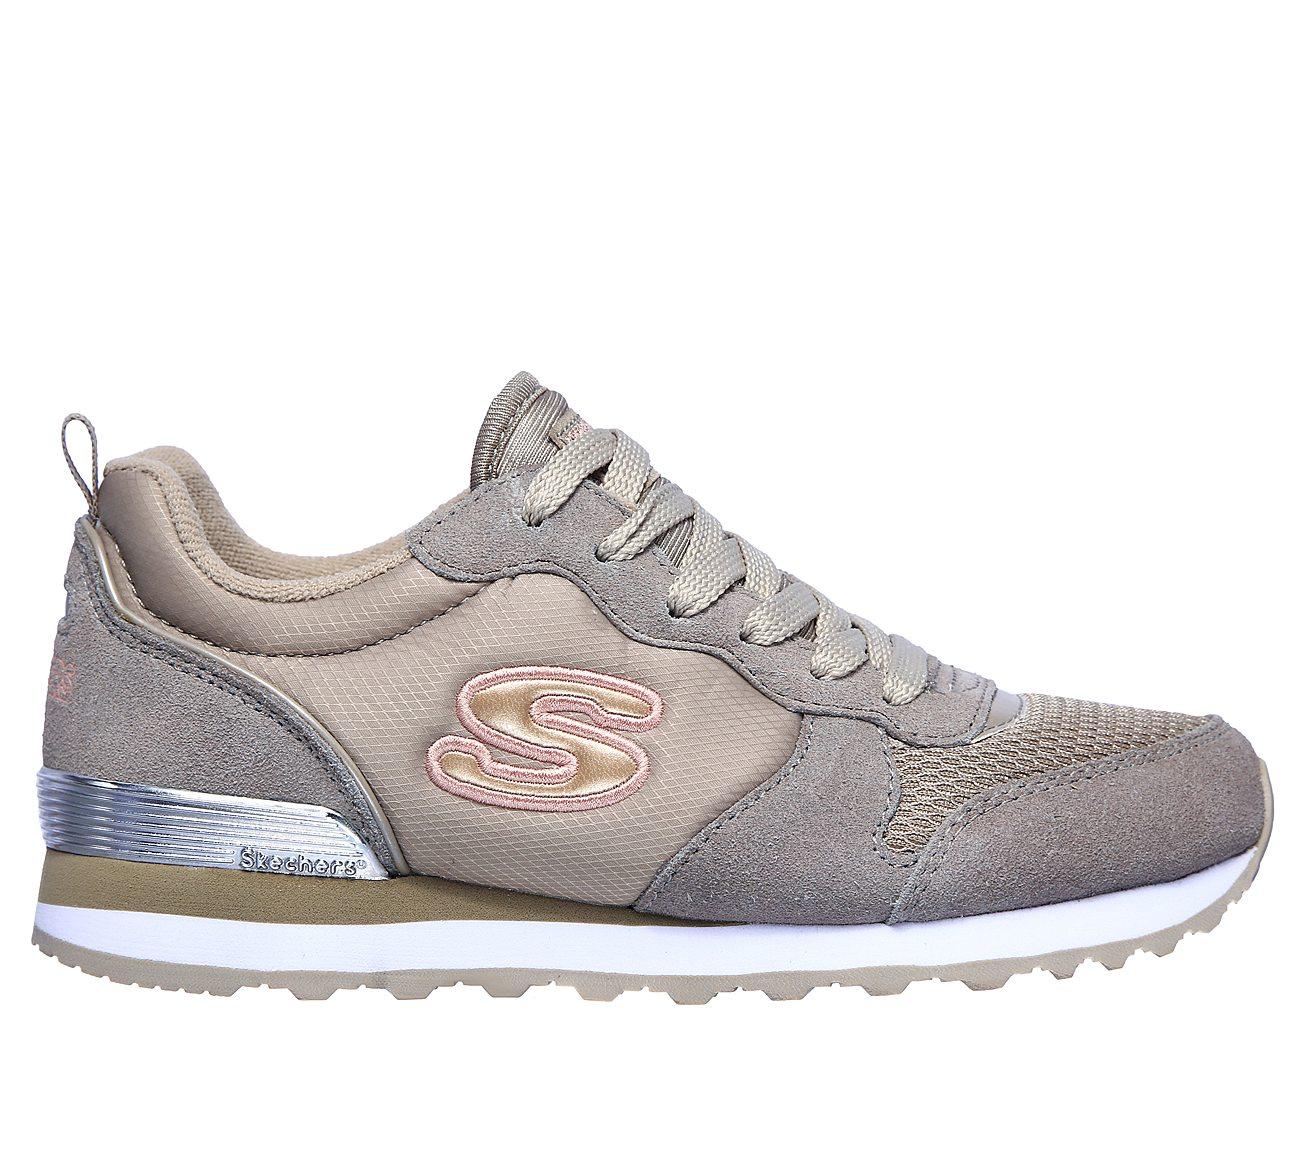 Skechers Originals Retros Og 95 Fashion Sneaker: